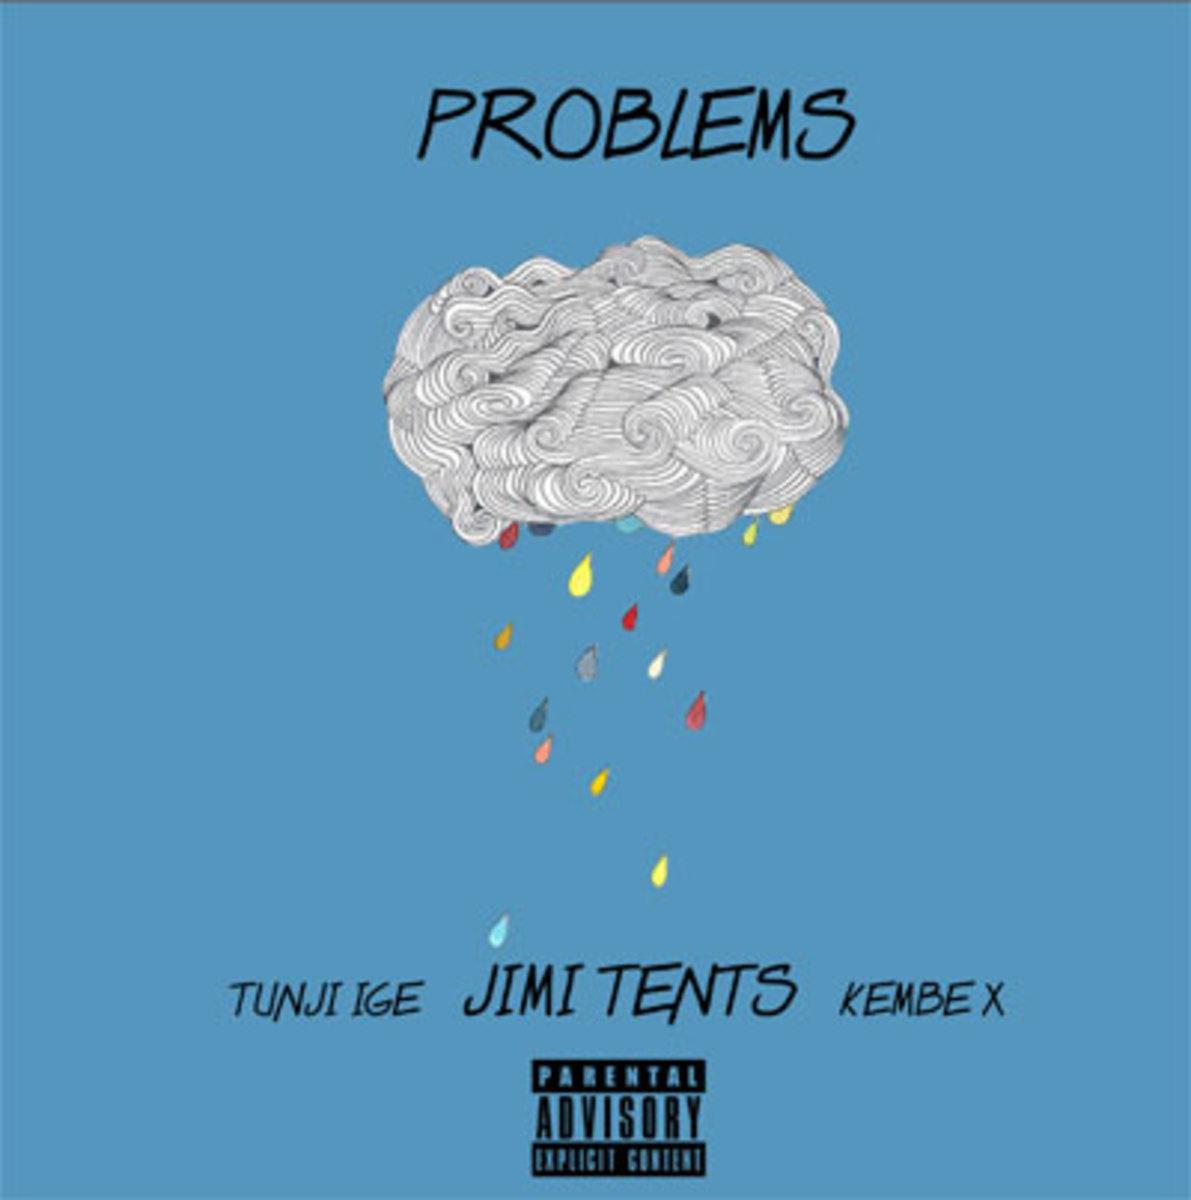 jimi-tents-problems.jpg